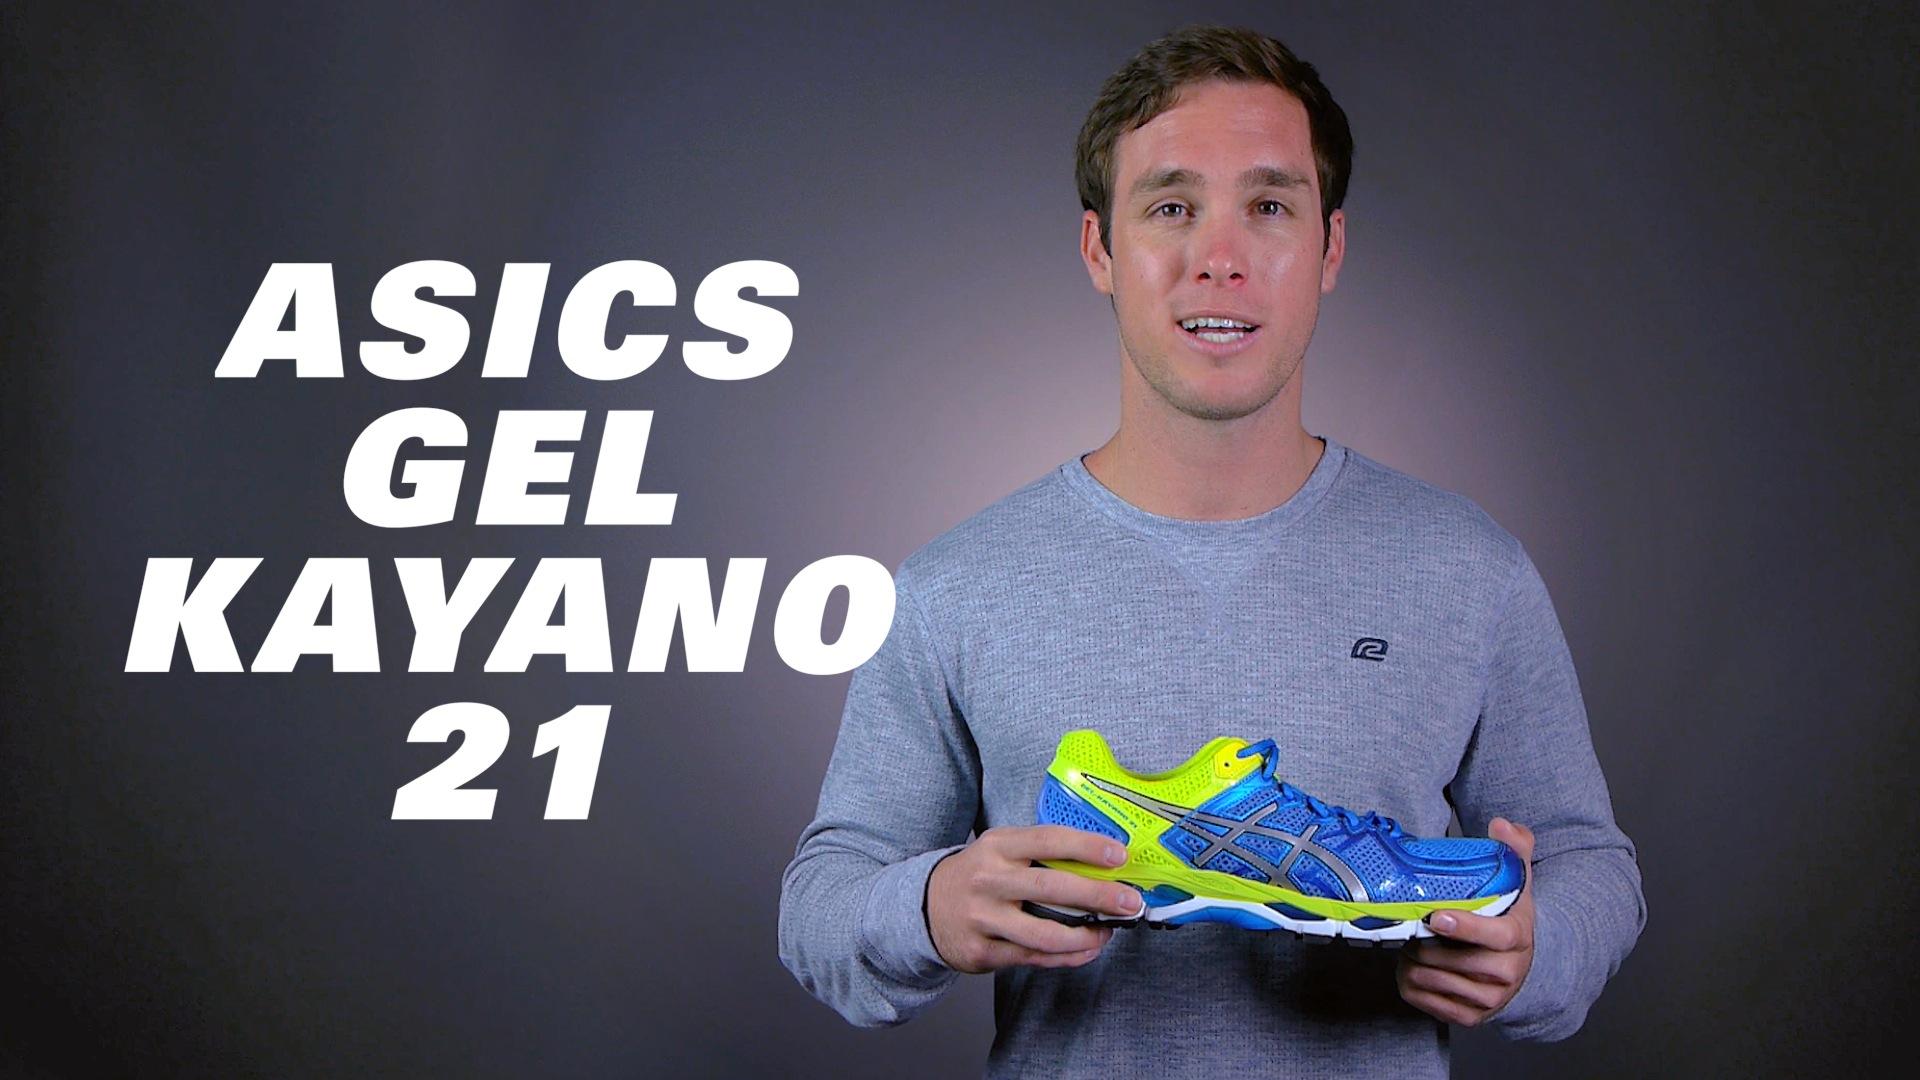 asics gel kayano 21 runner's world